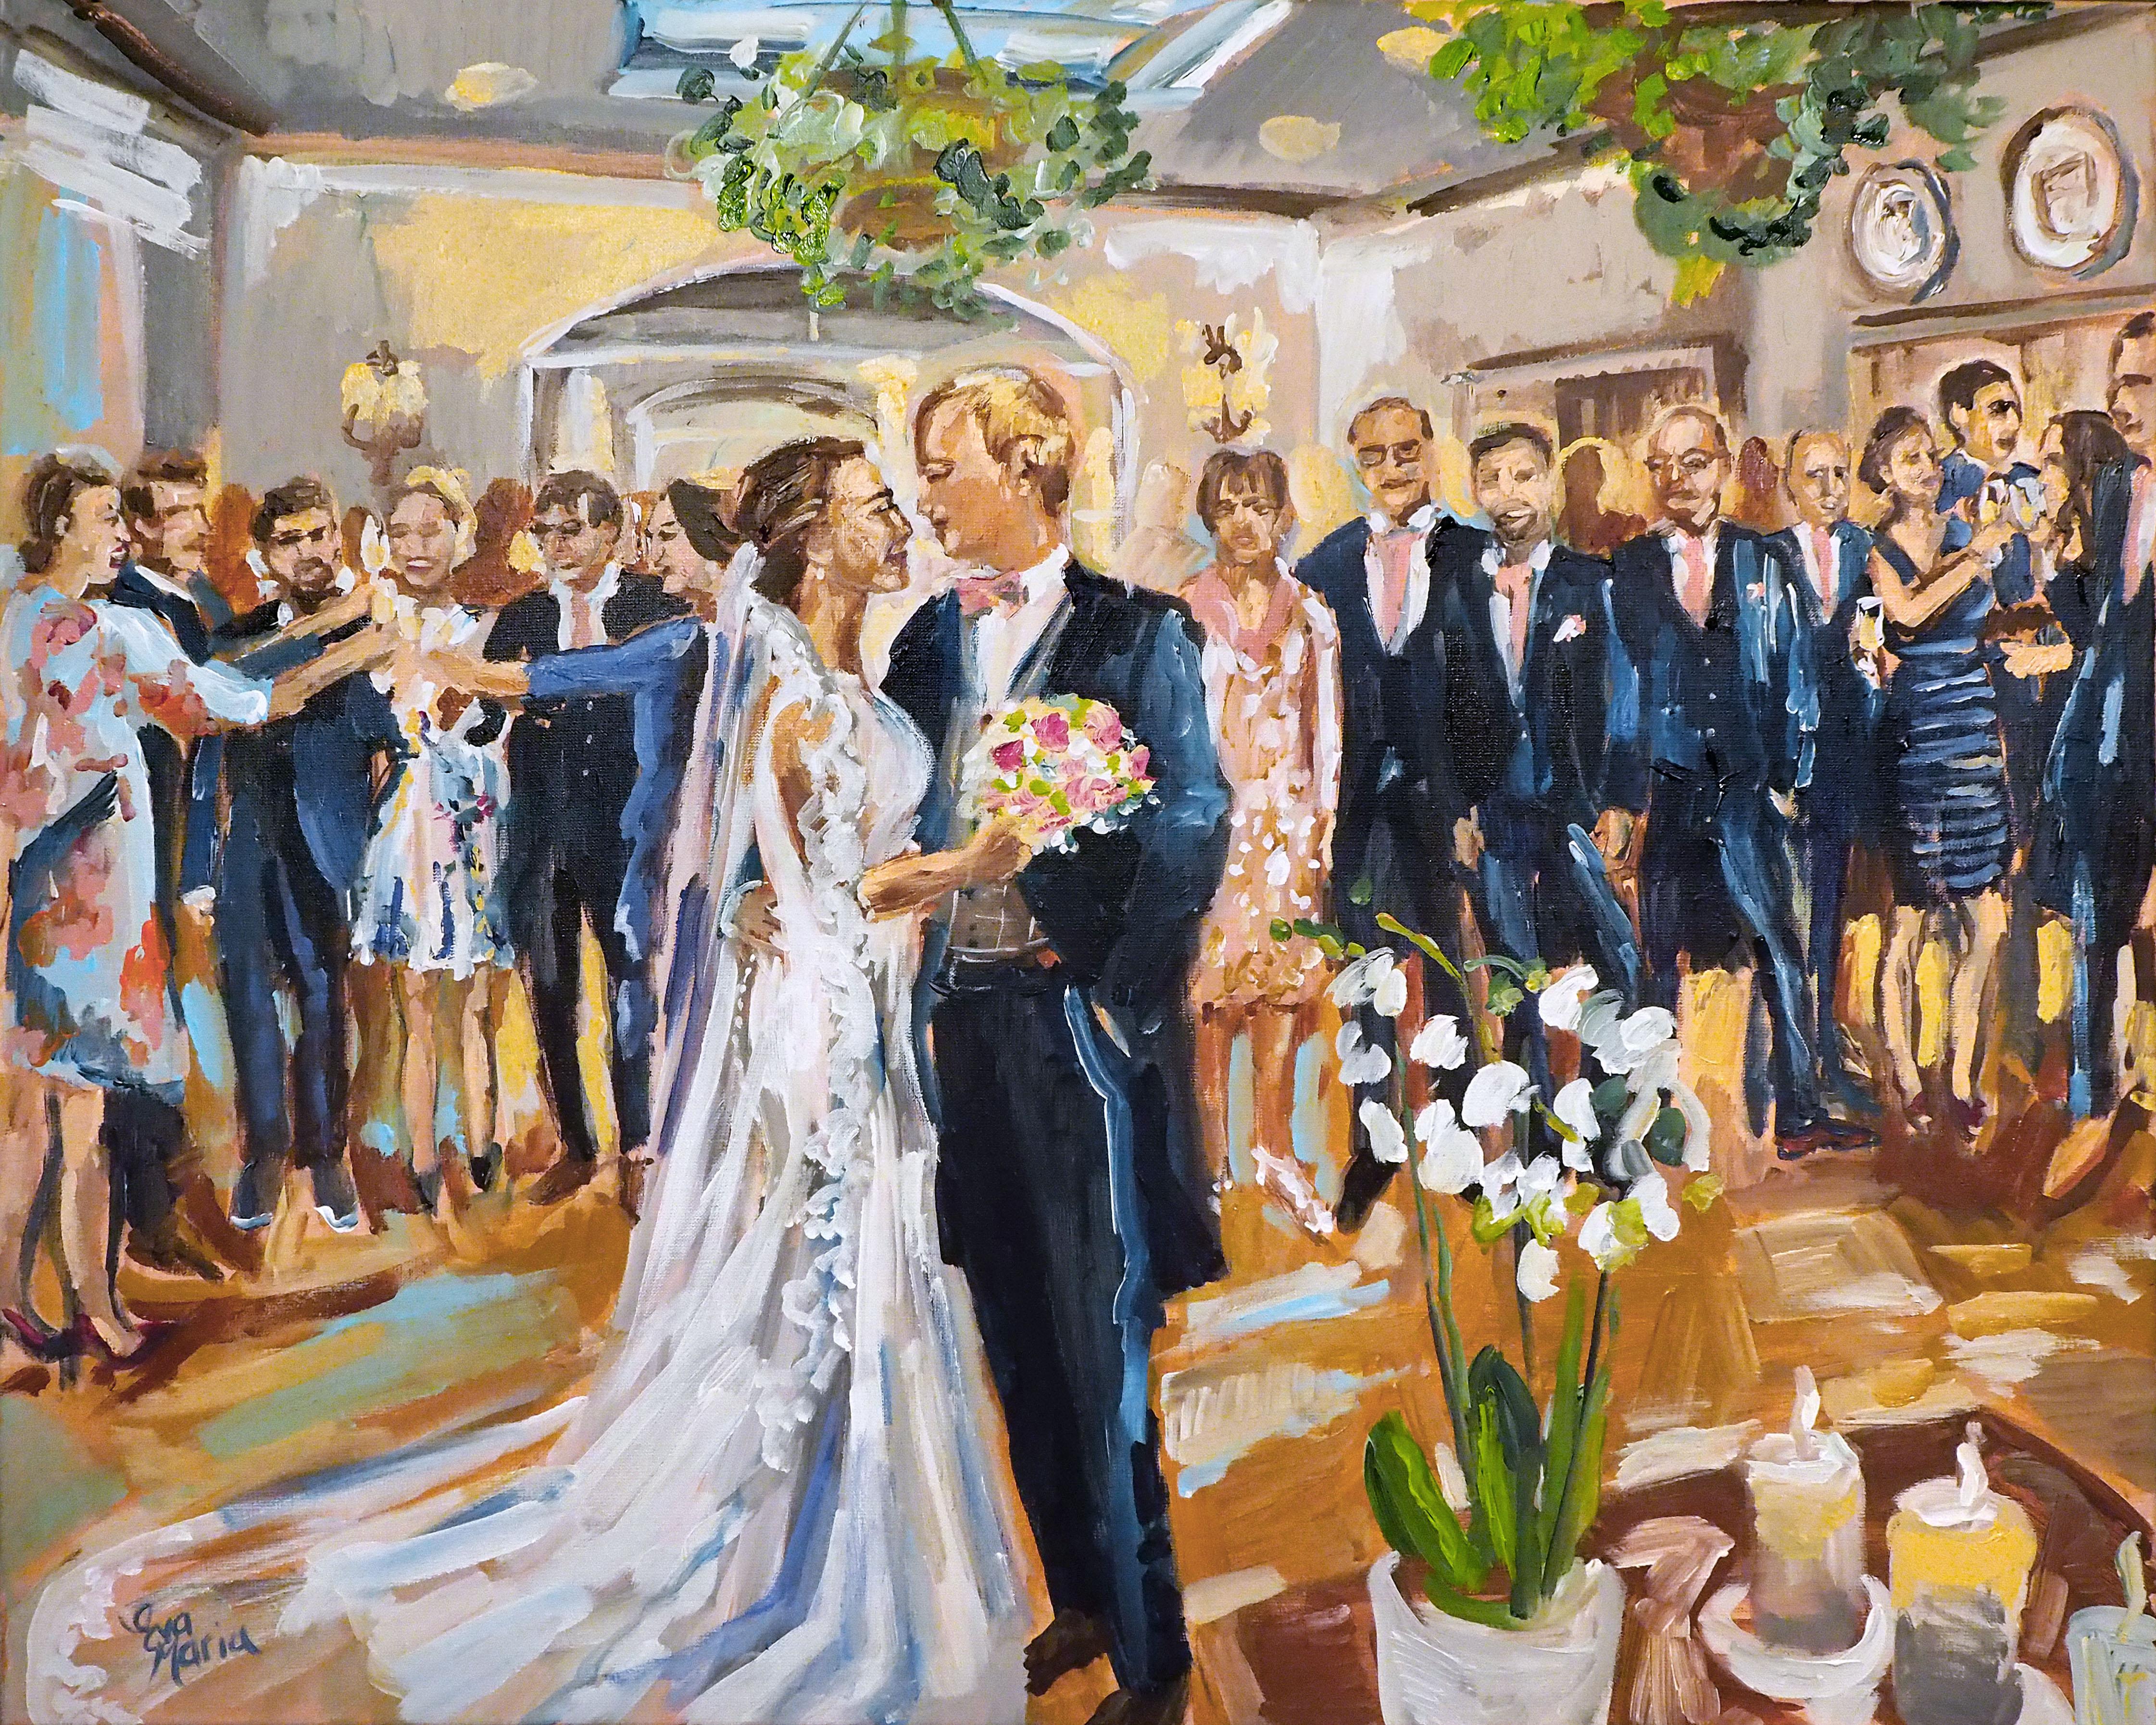 Live Paint Eva Maria kunst kado huwelijksborrel Kortrijk, België